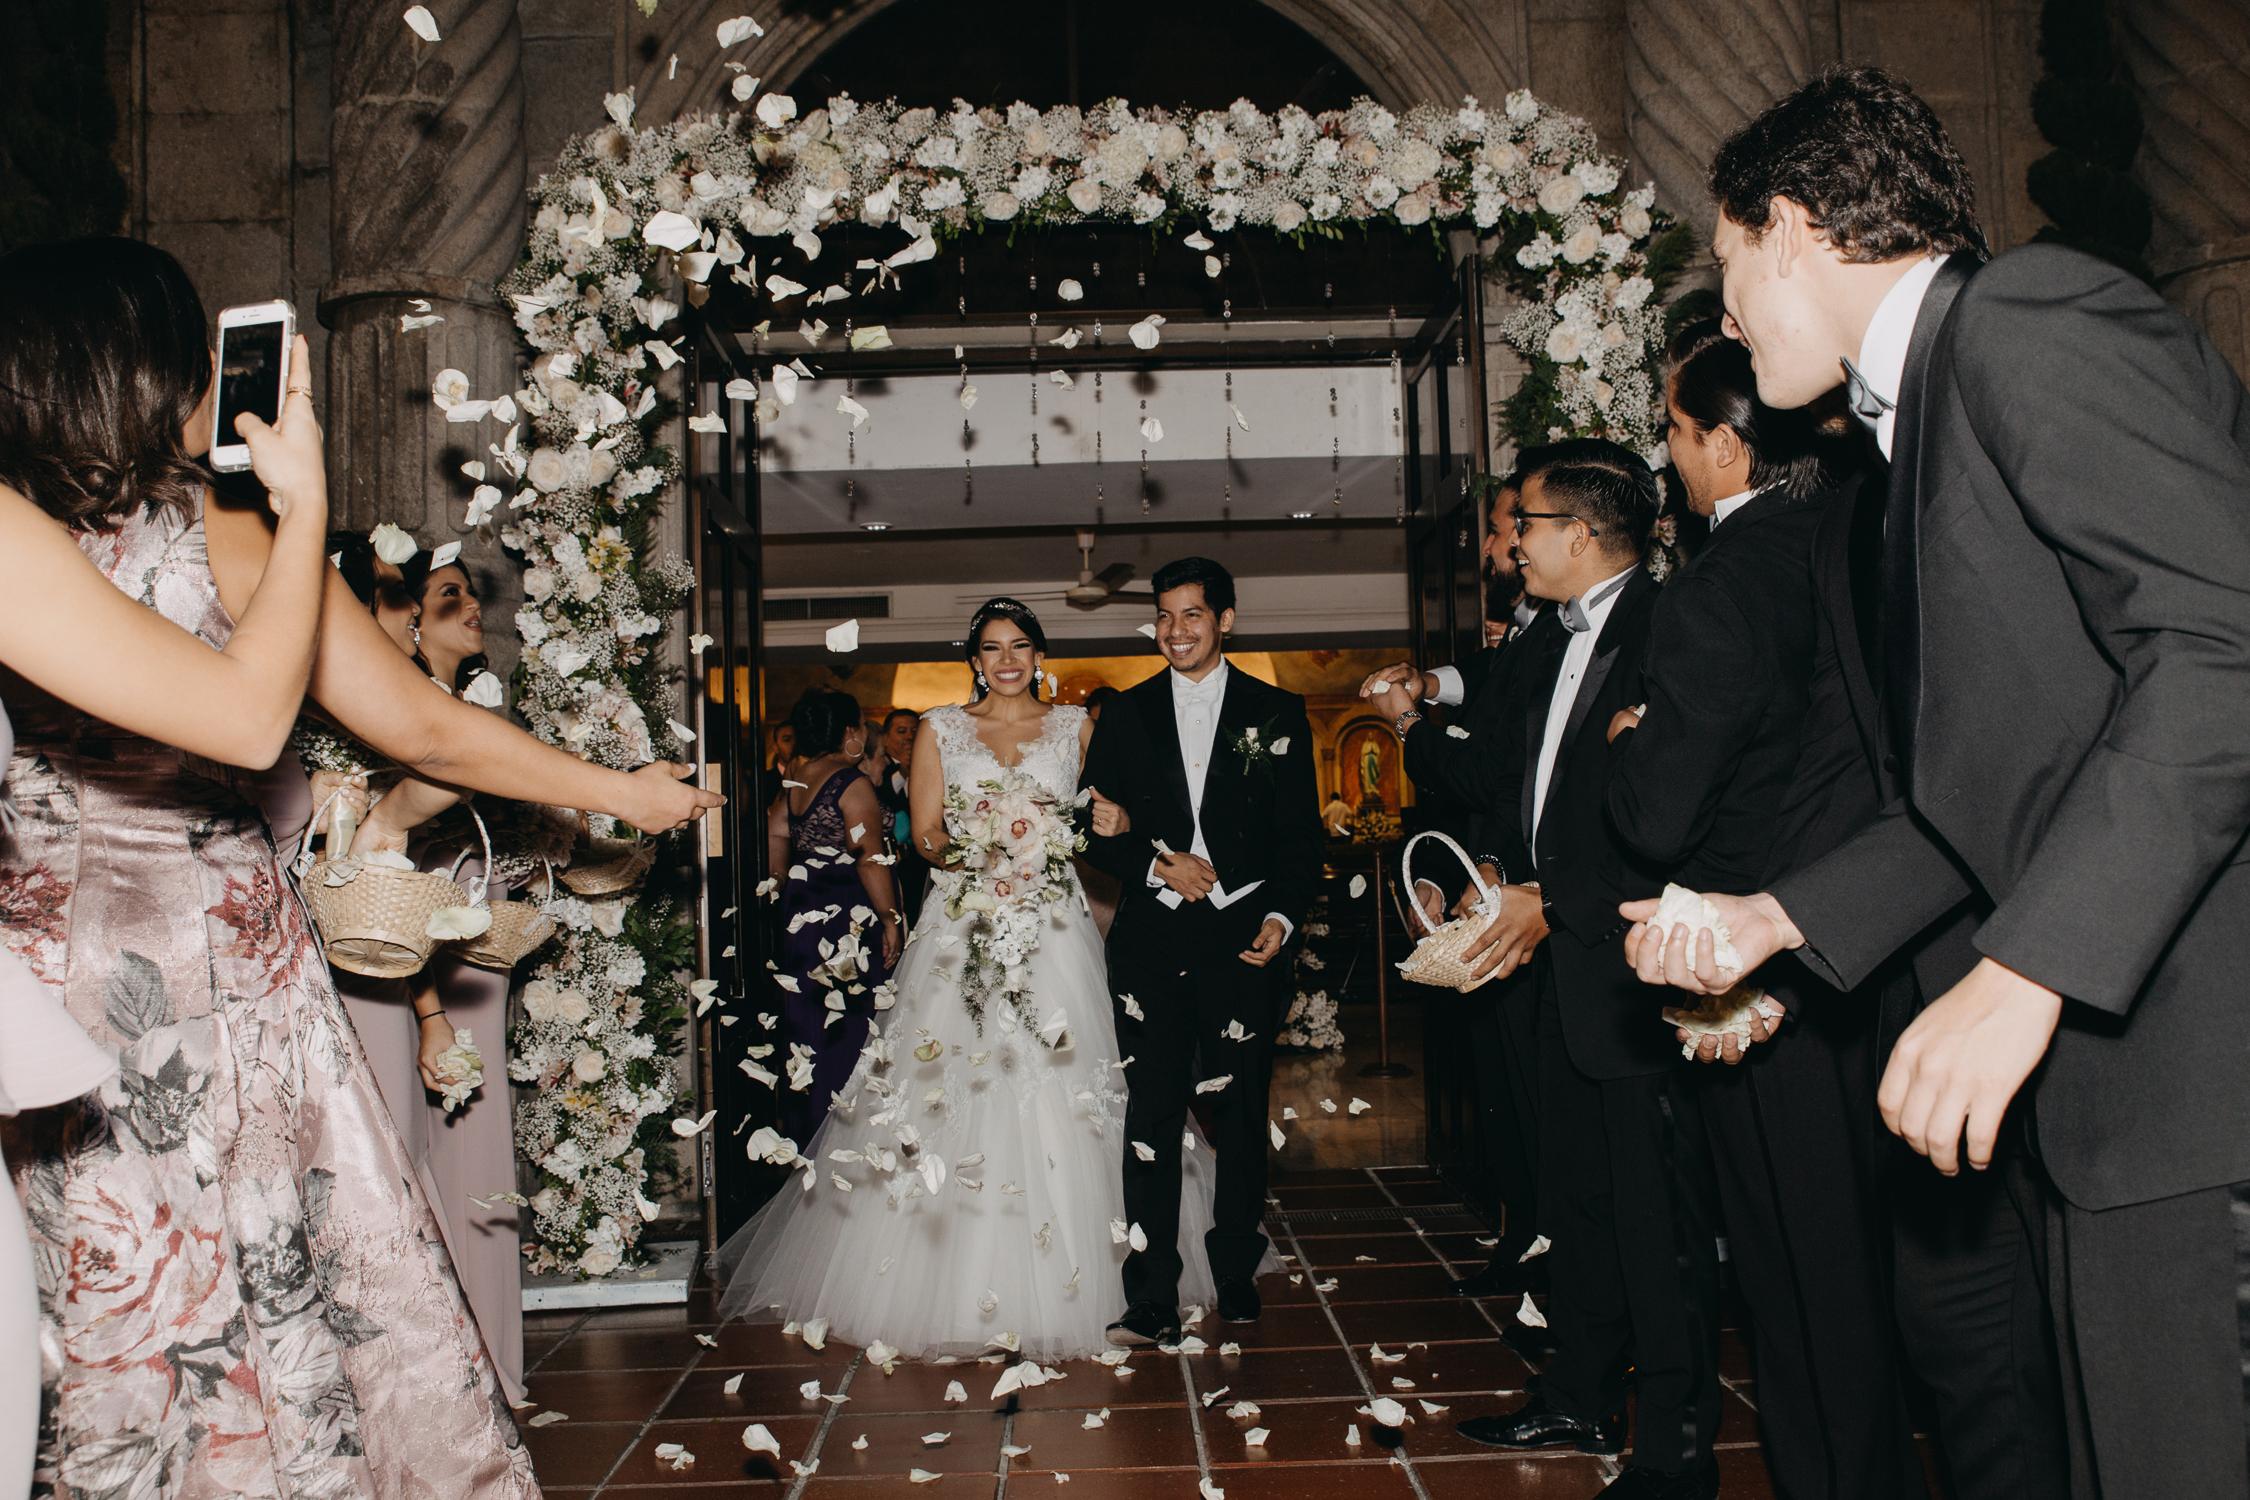 Michelle-Agurto-Fotografia-Bodas-Ecuador-Destination-Wedding-Photographer-Patricia-Guido-130.JPG